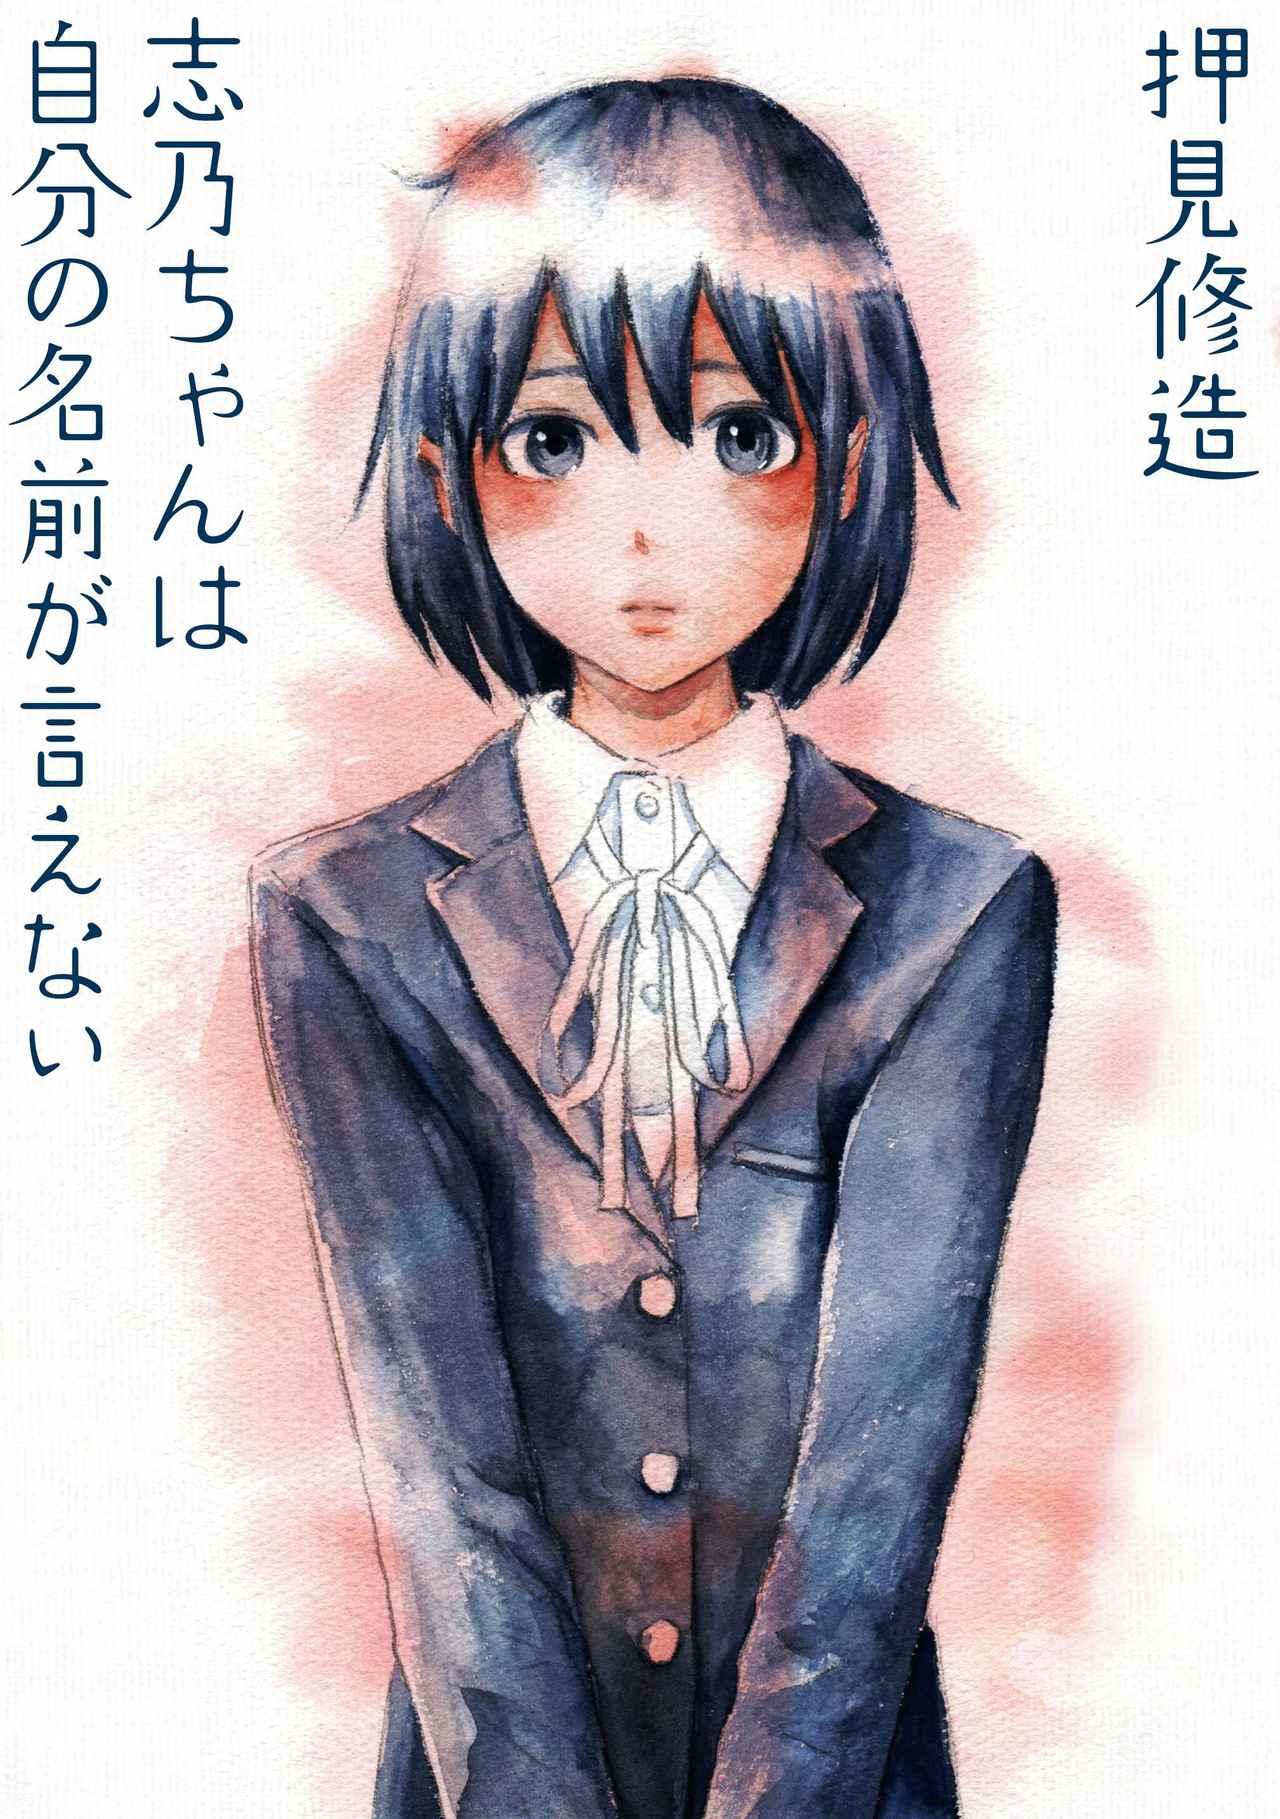 画像: 原作『志乃ちゃんは自分の名前が言えない』 ©押見修造/太田出版